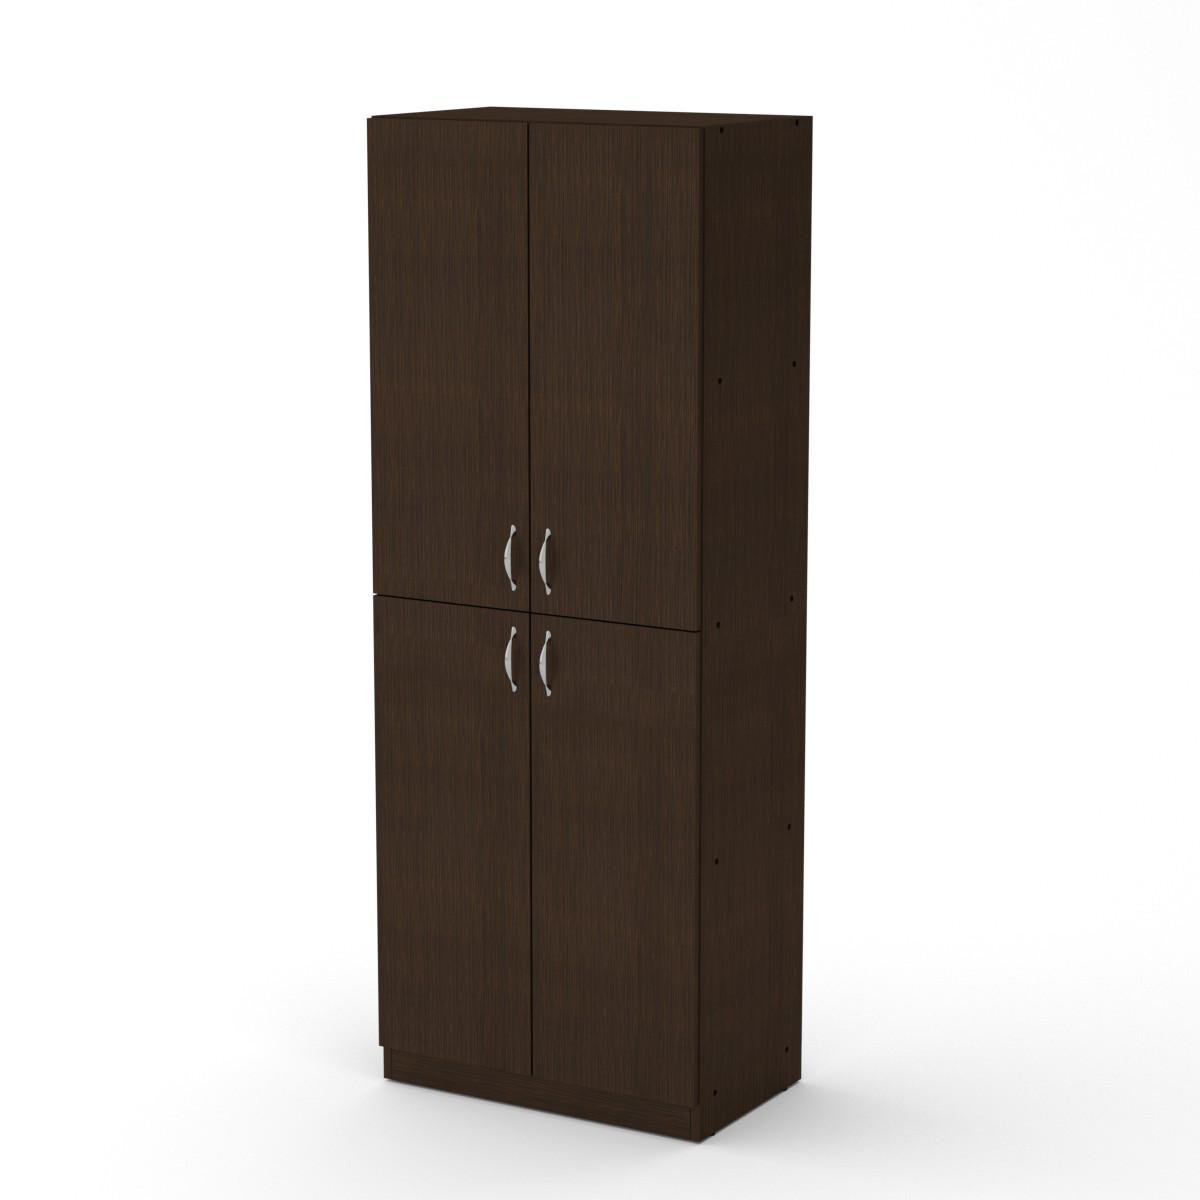 Шкаф книжный КШ-12 венге темный Компанит (60х37х159 см)